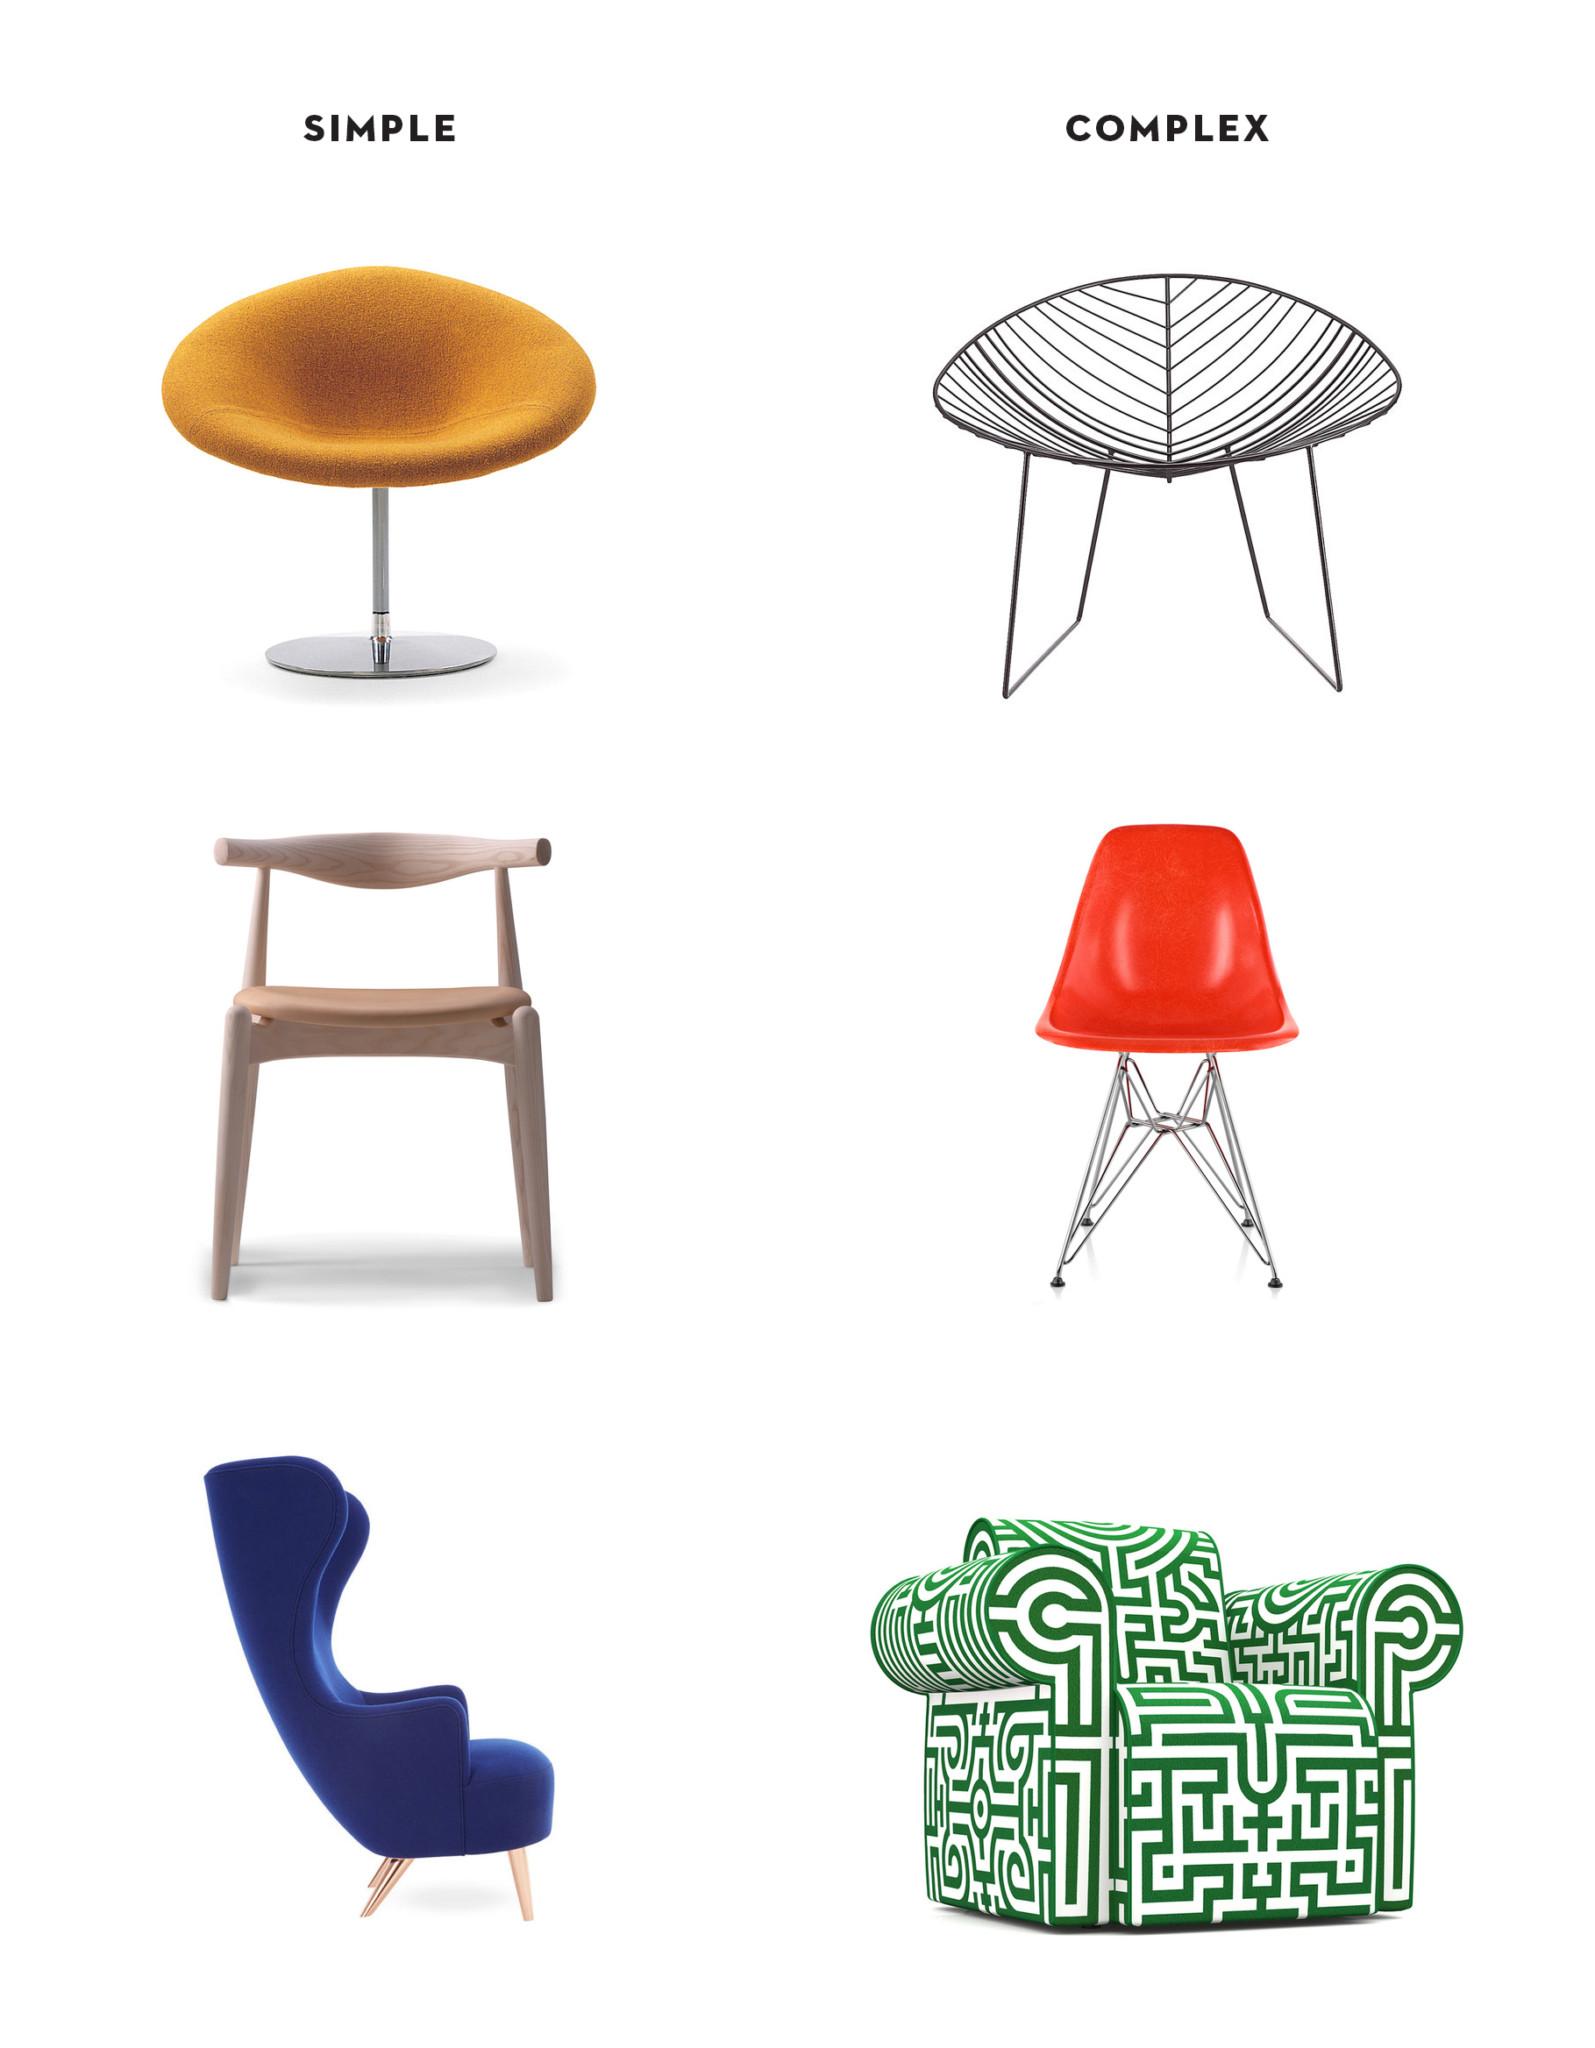 simple chair designs vs. complex chair designs